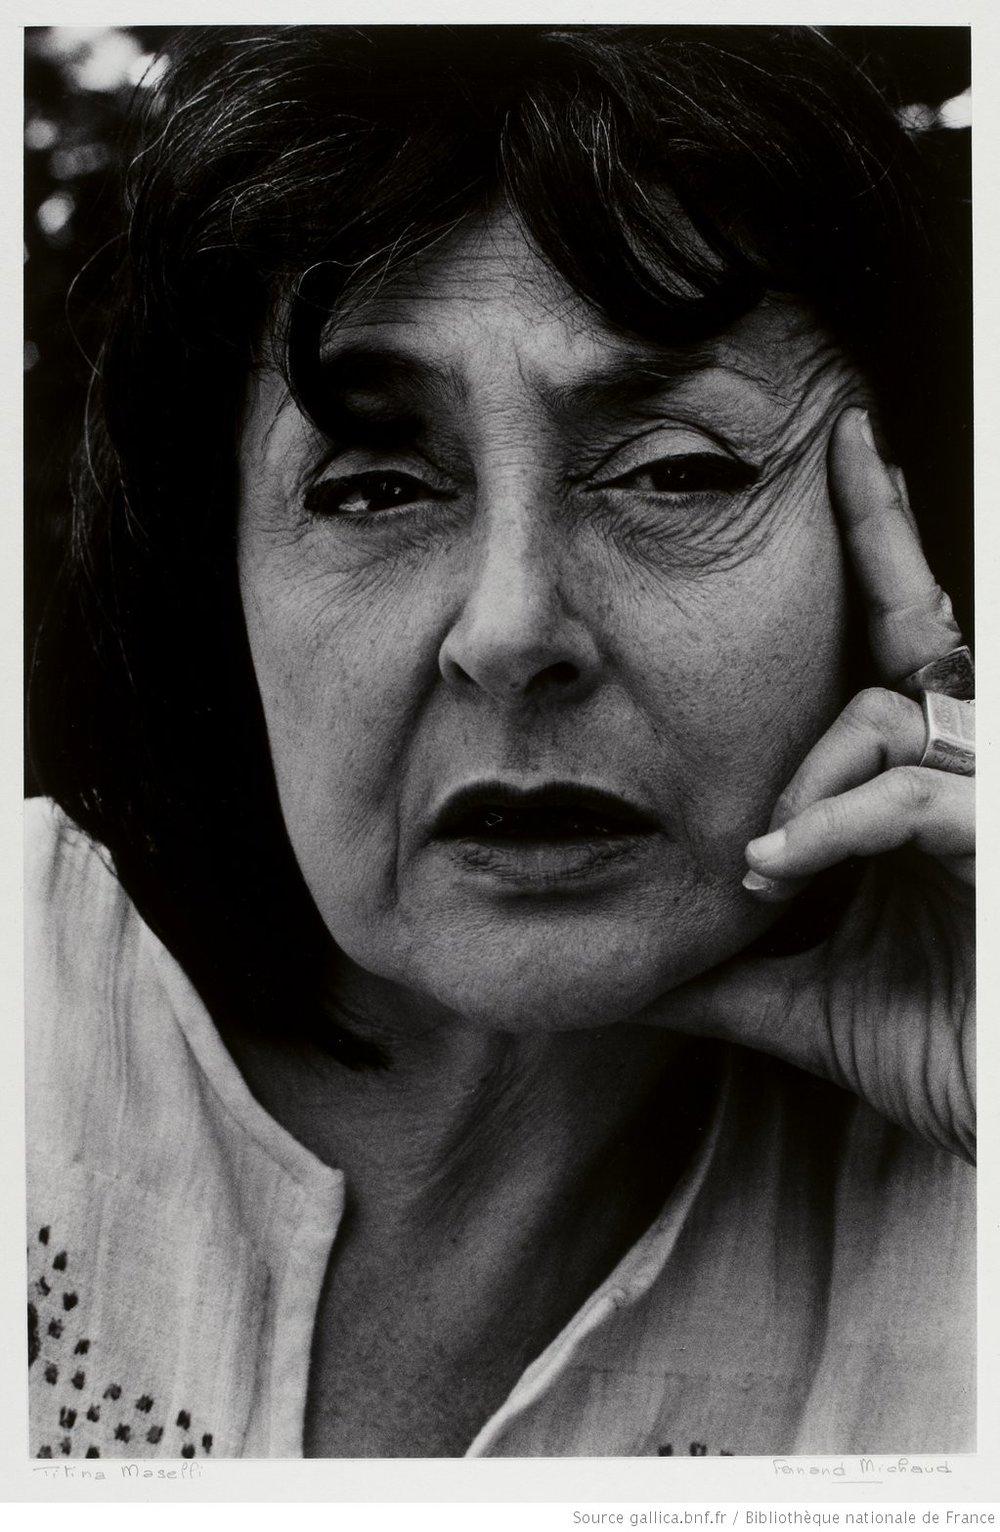 Una suggestiva fotografia di Maselli che richiama la sua interpretazione della Garbo.